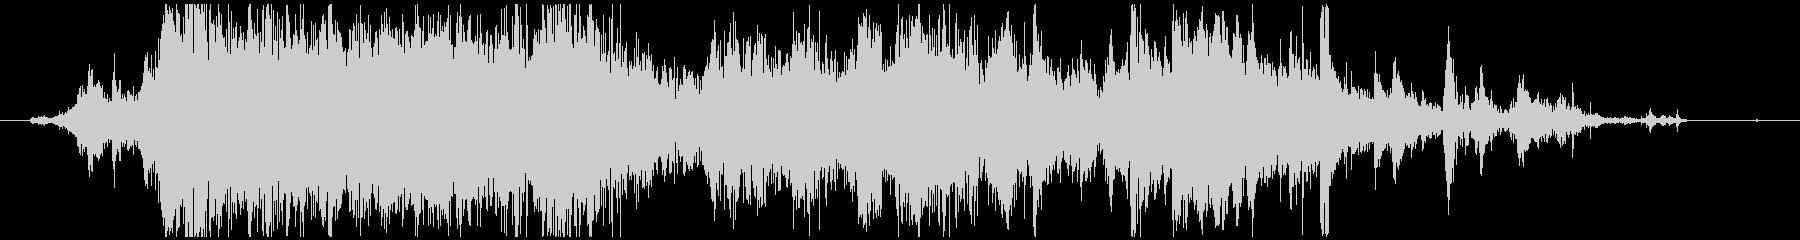 メタル 大音量03の未再生の波形